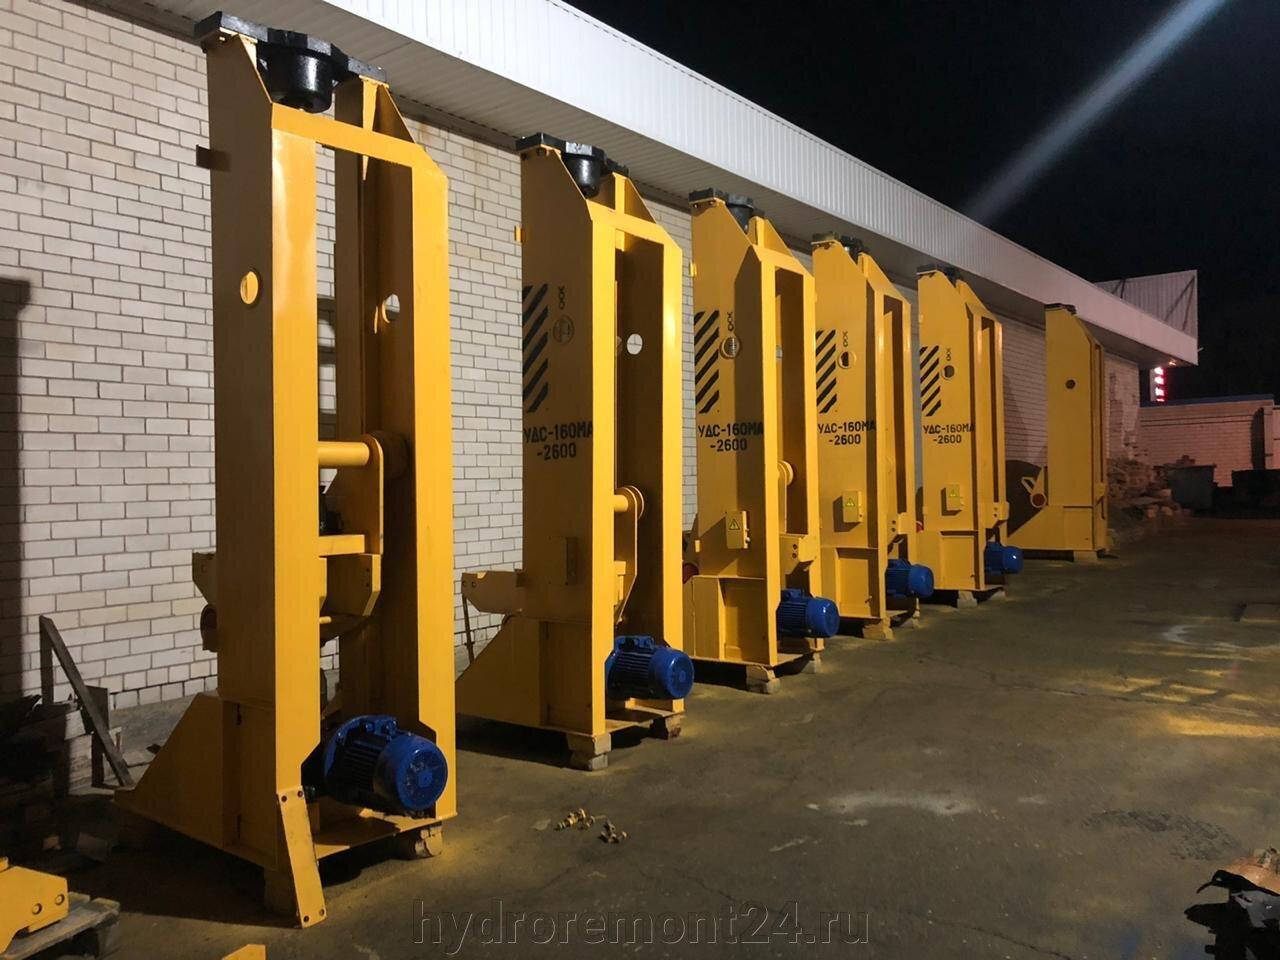 Оборудование для подъема локомотивов - фото pic_4d25c4f5124717dabe66ae2ae0d5a4ad_1920x9000_1.jpg